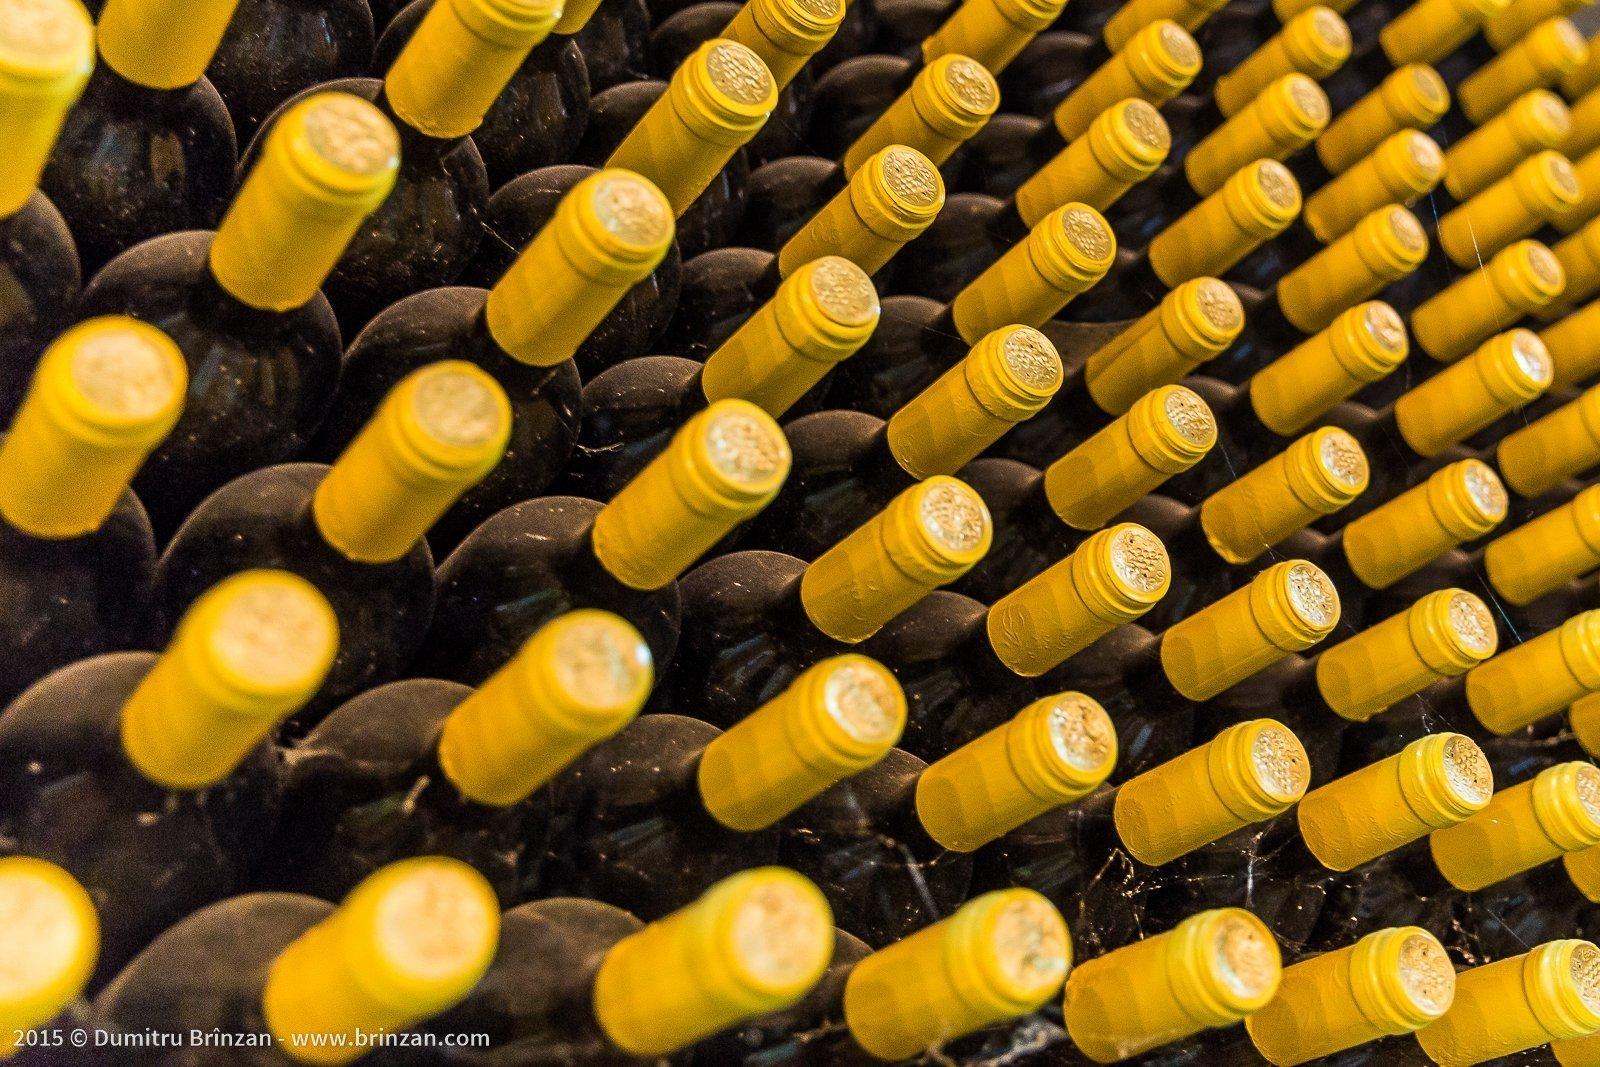 Thumbnail for the Crame, Vinării, Fabrici de Vin page.